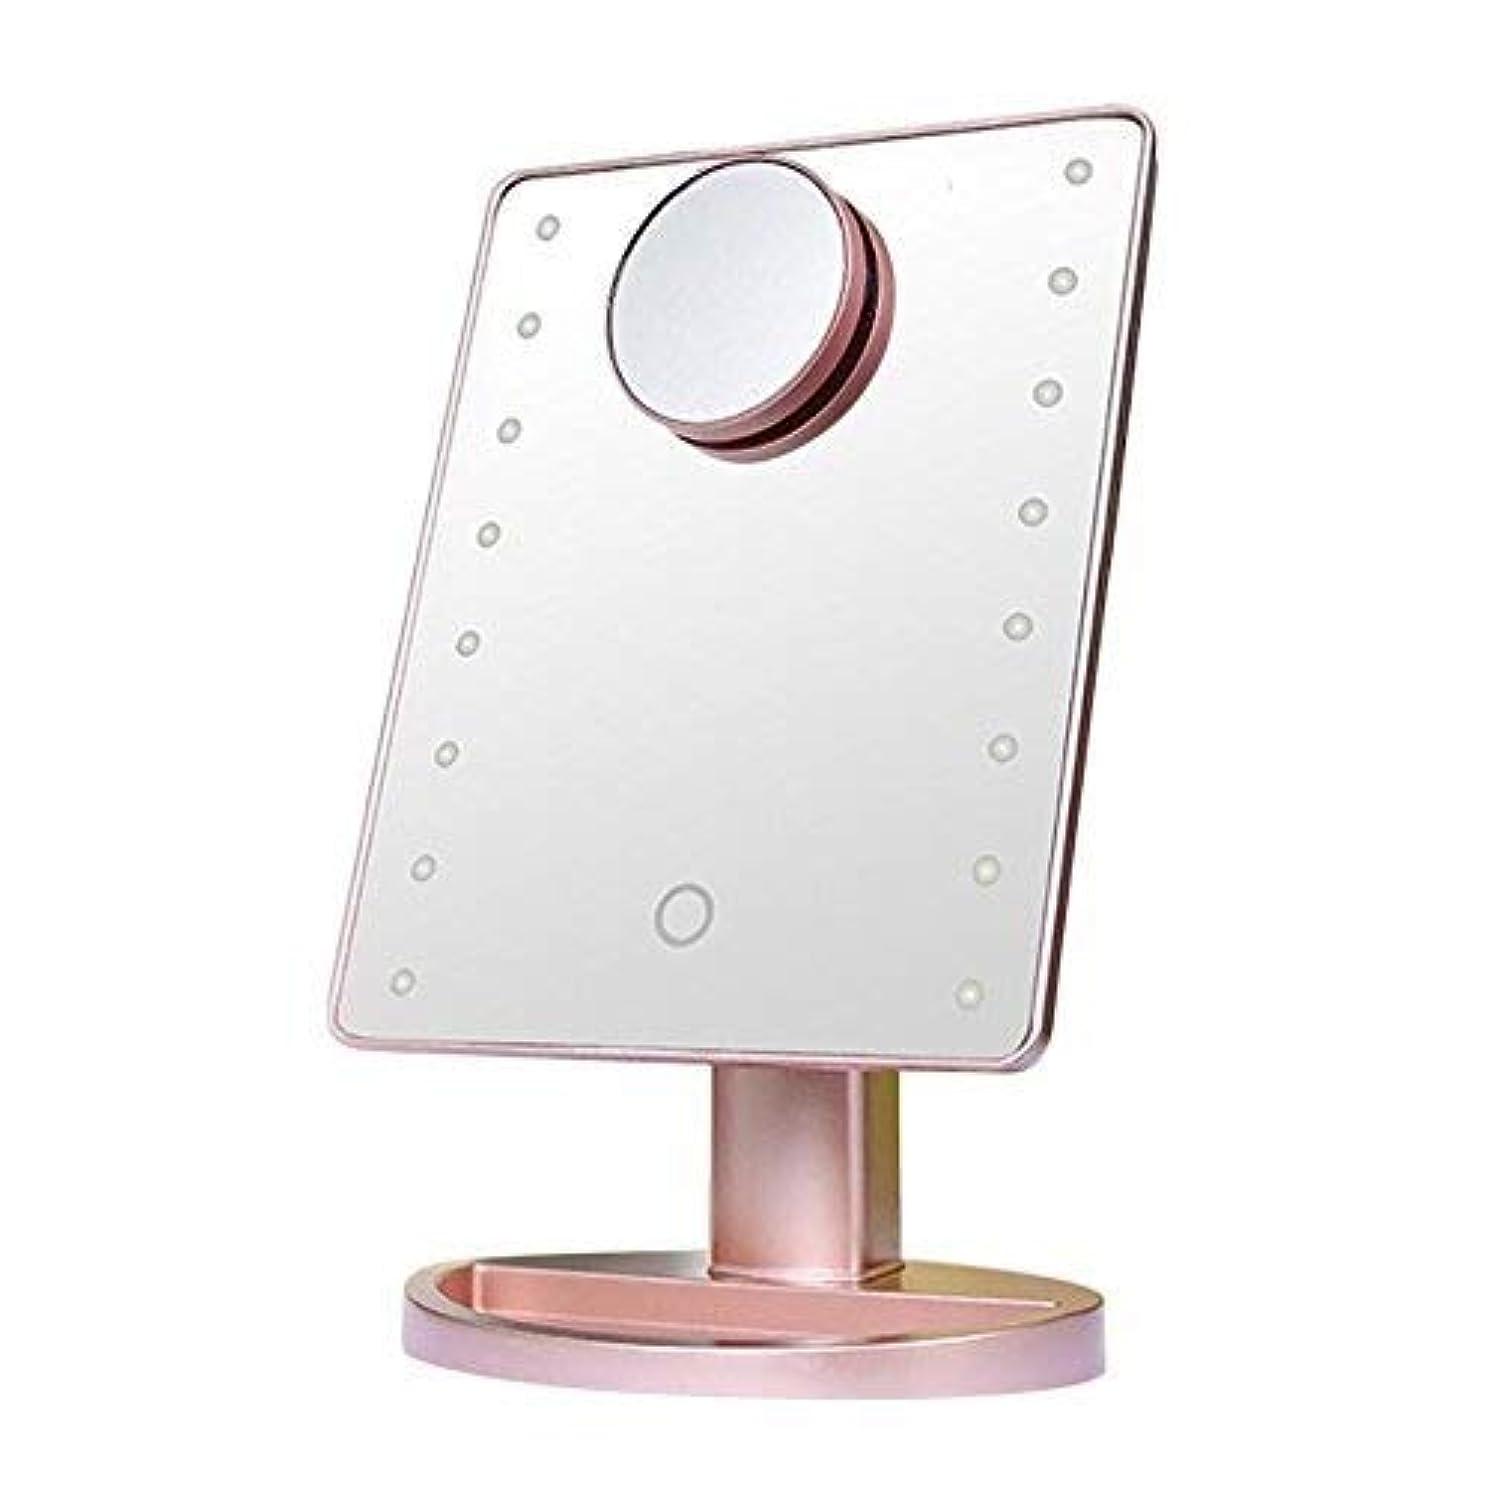 学部長言い換えるとトランジスタCCJW 照明付き化粧鏡16 LEDライト、USBケーブル付きArinkタッチスクリーンバニティミラー、取り外し可能な10倍拡大鏡、卓上用180°自由回転可動化粧鏡(ローズゴールド)